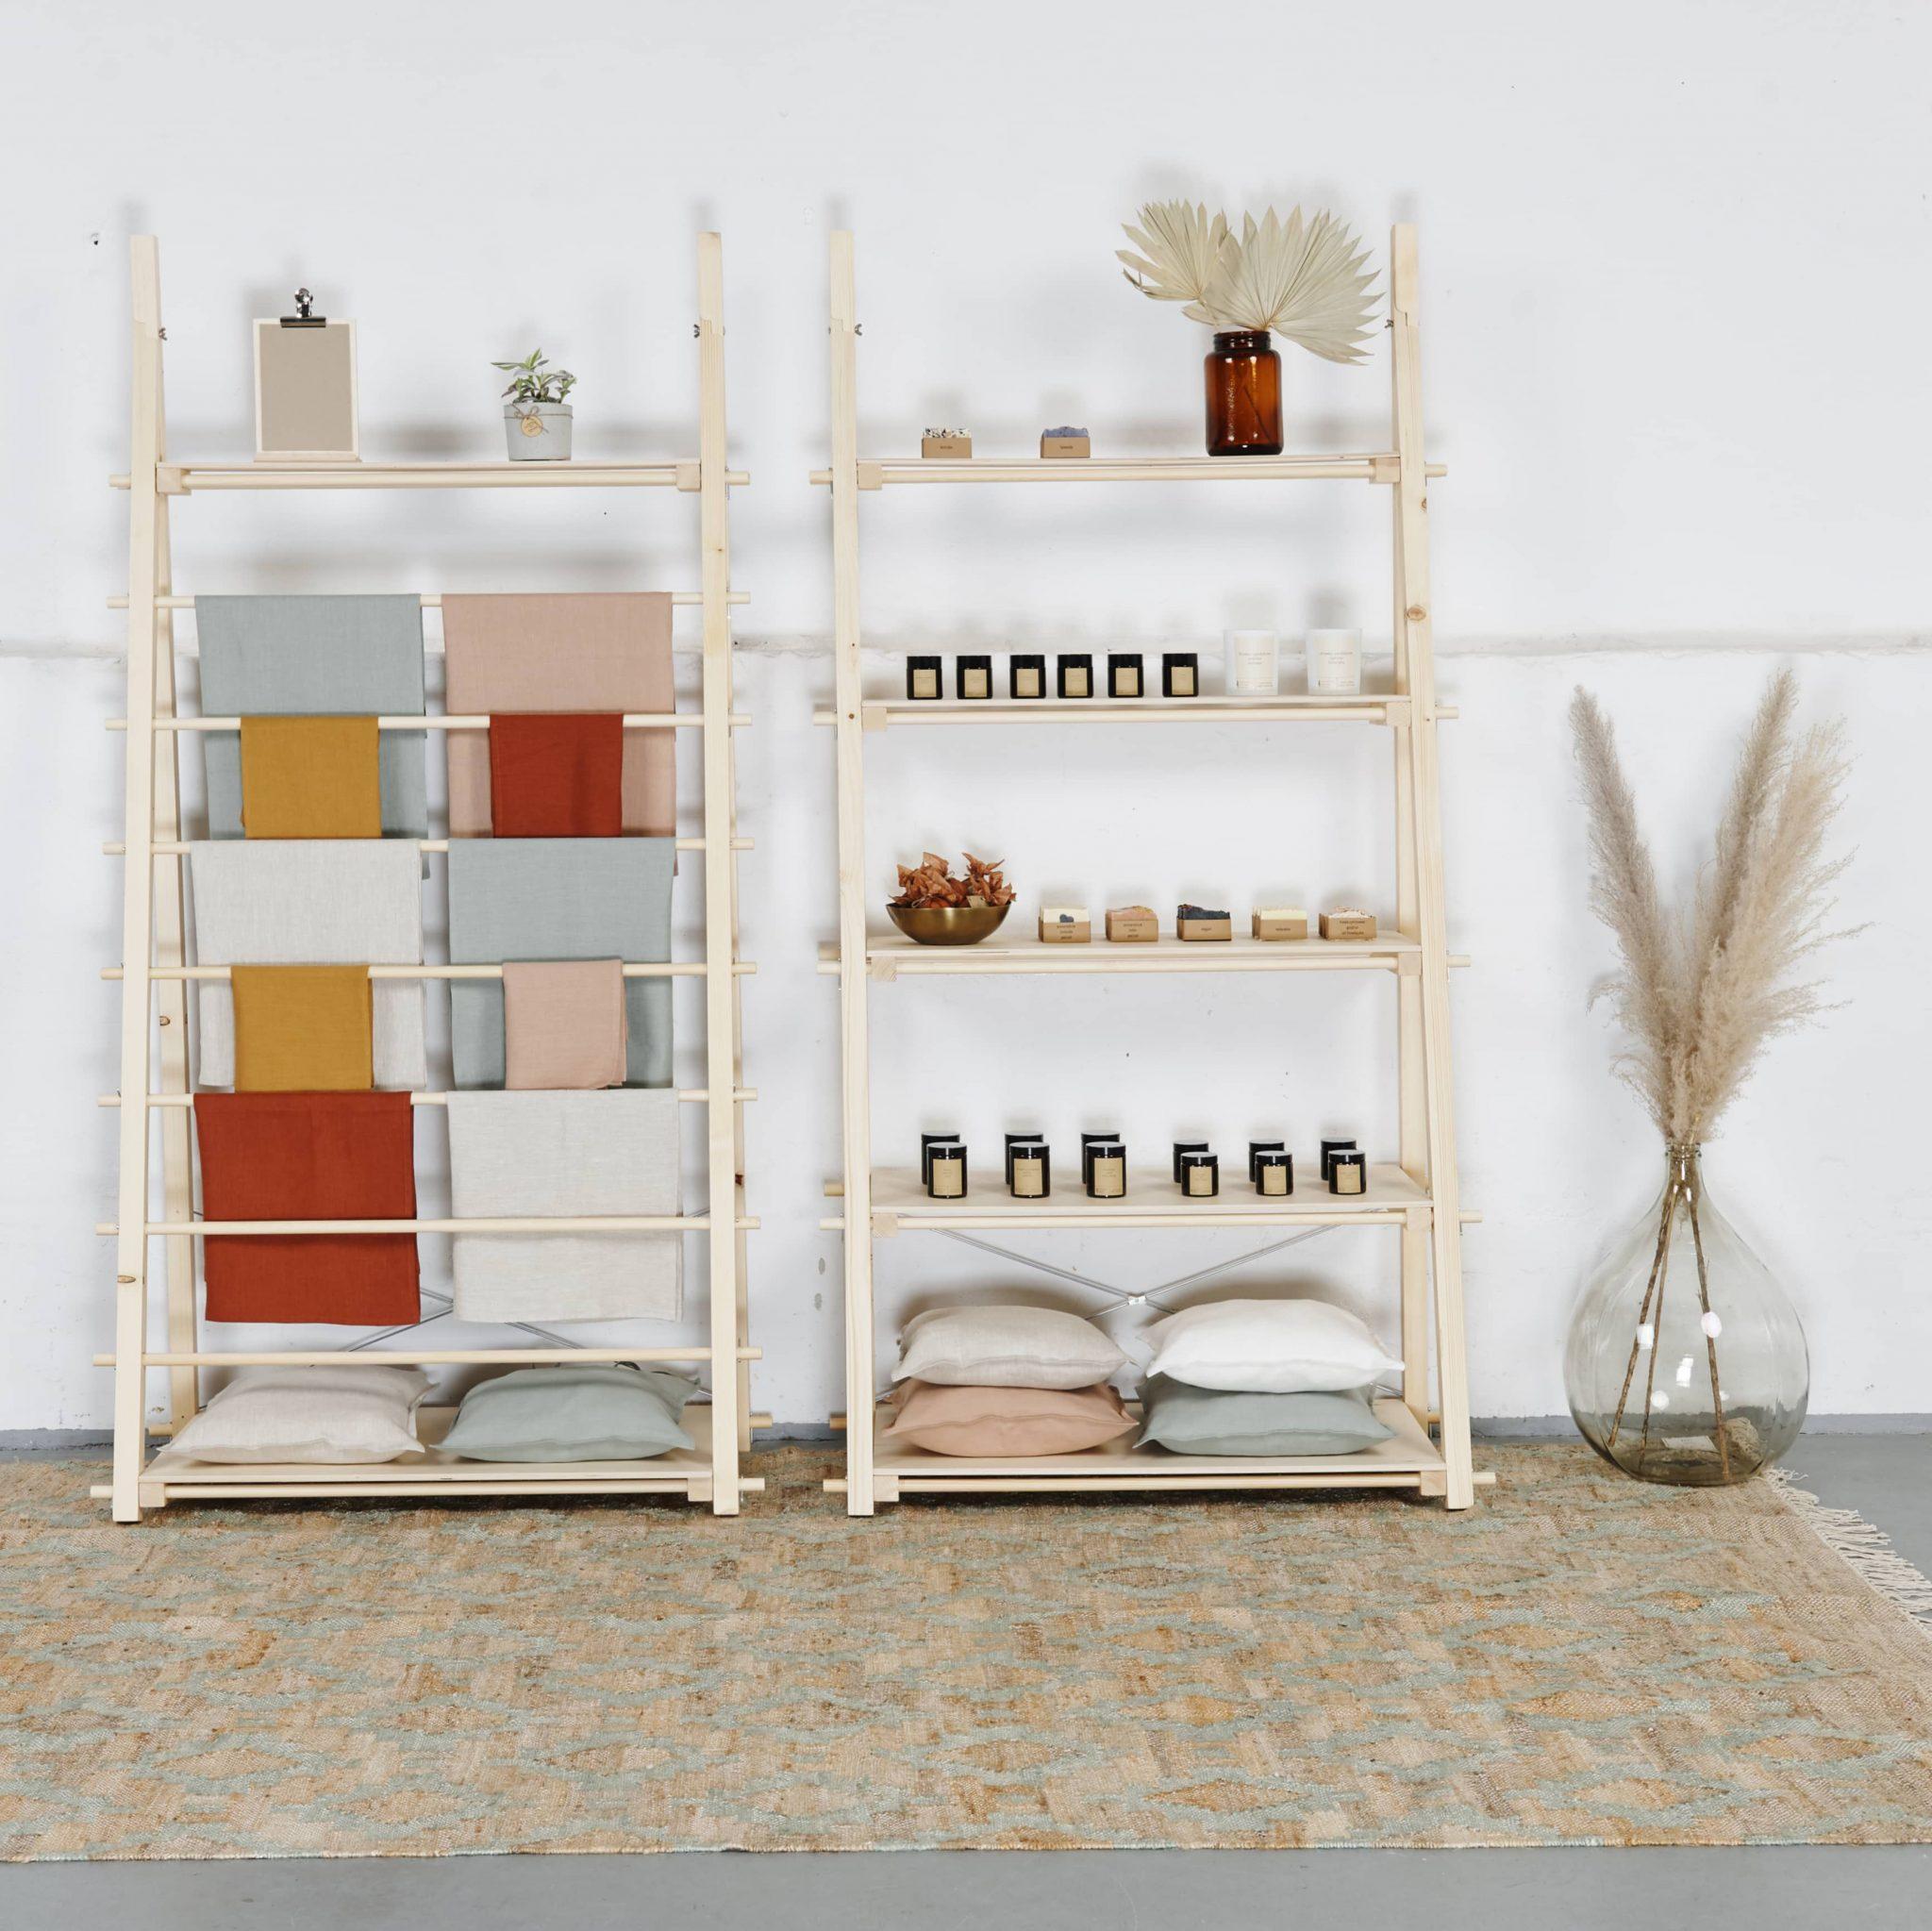 Stojak na tkaniny, ręczniki, obrusy, poszewki, pościele